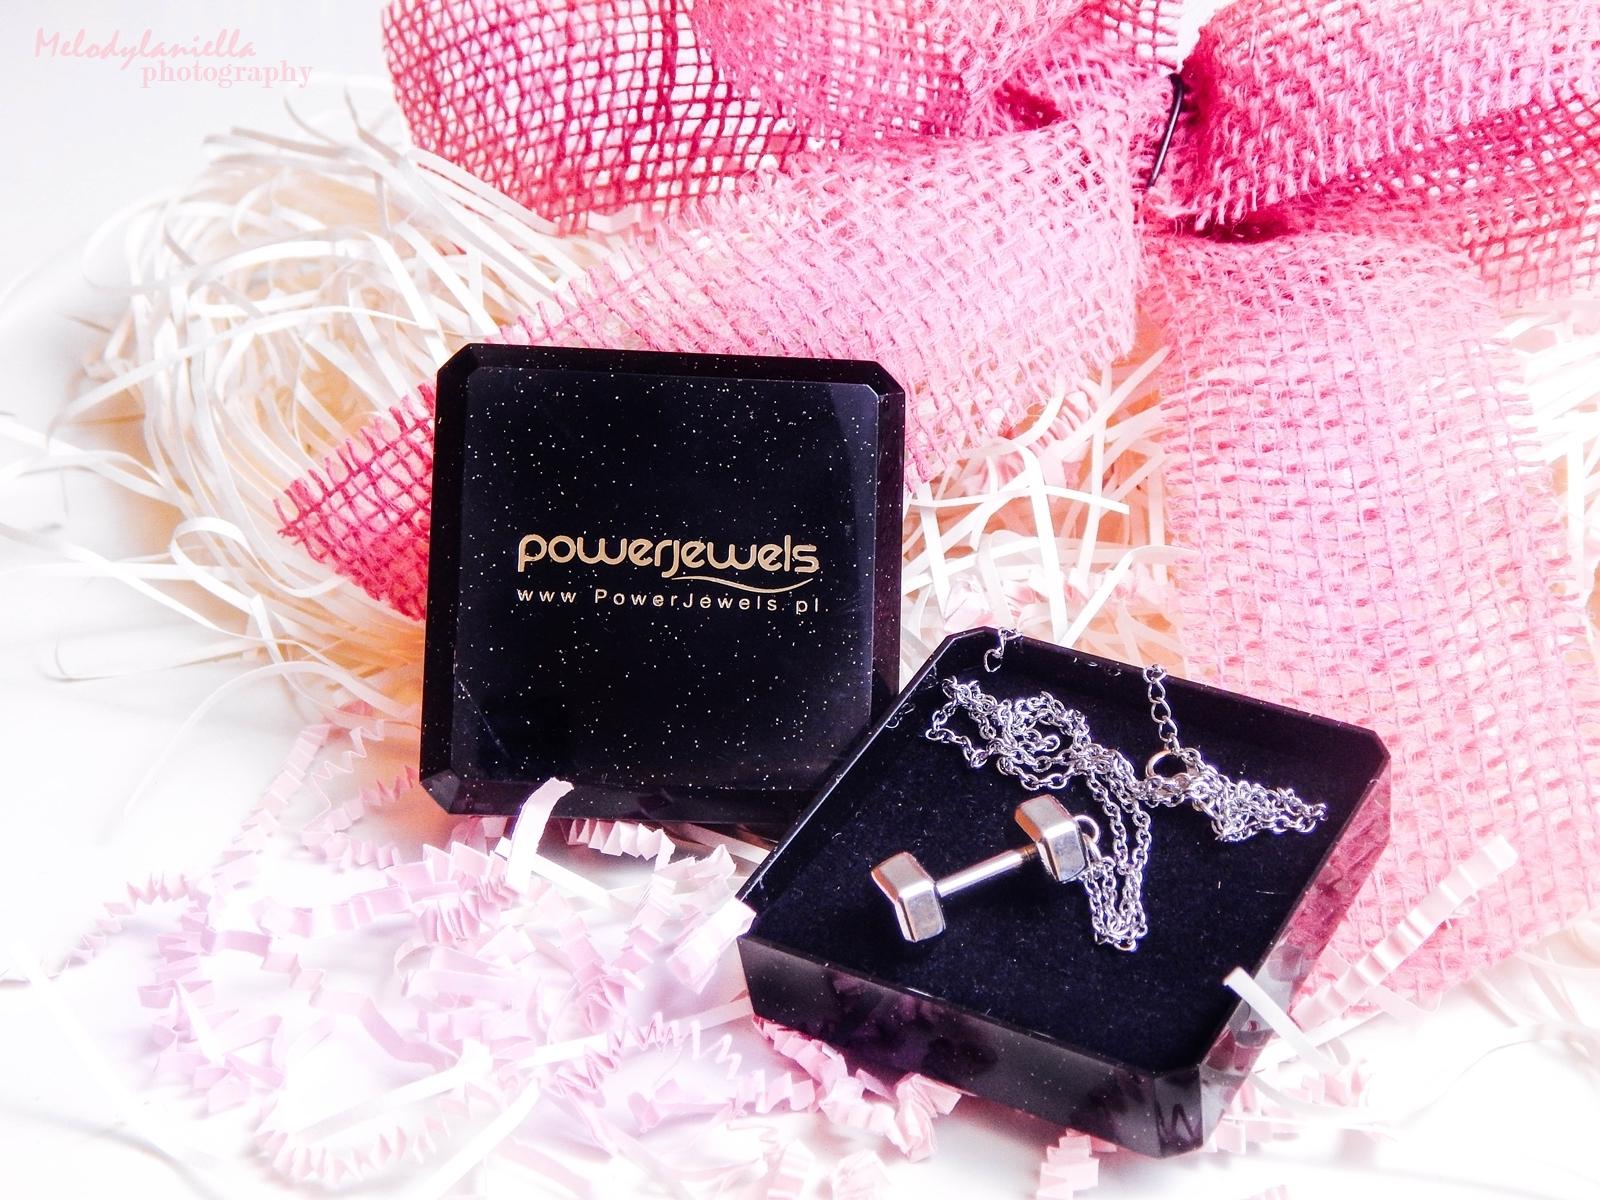 bizuteria dla aktywnych kobiet prezent dla lubiących sport power jewels sztanga srebro bransoletka